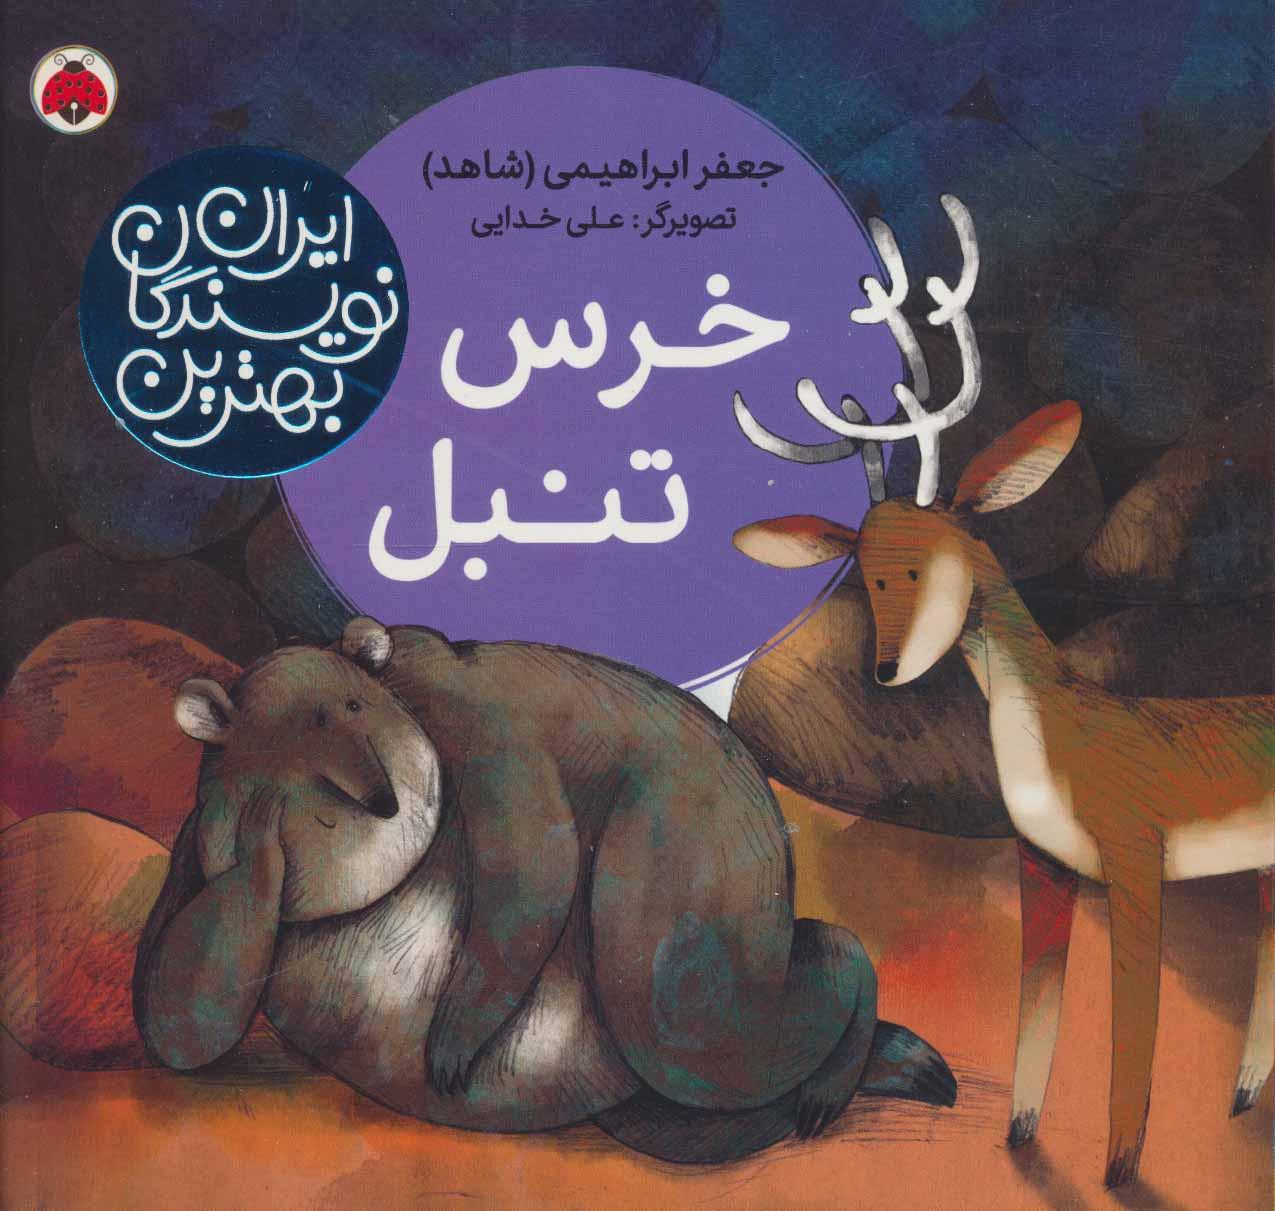 خرس تنبل (بهترین نویسندگان ایران)،(گلاسه)